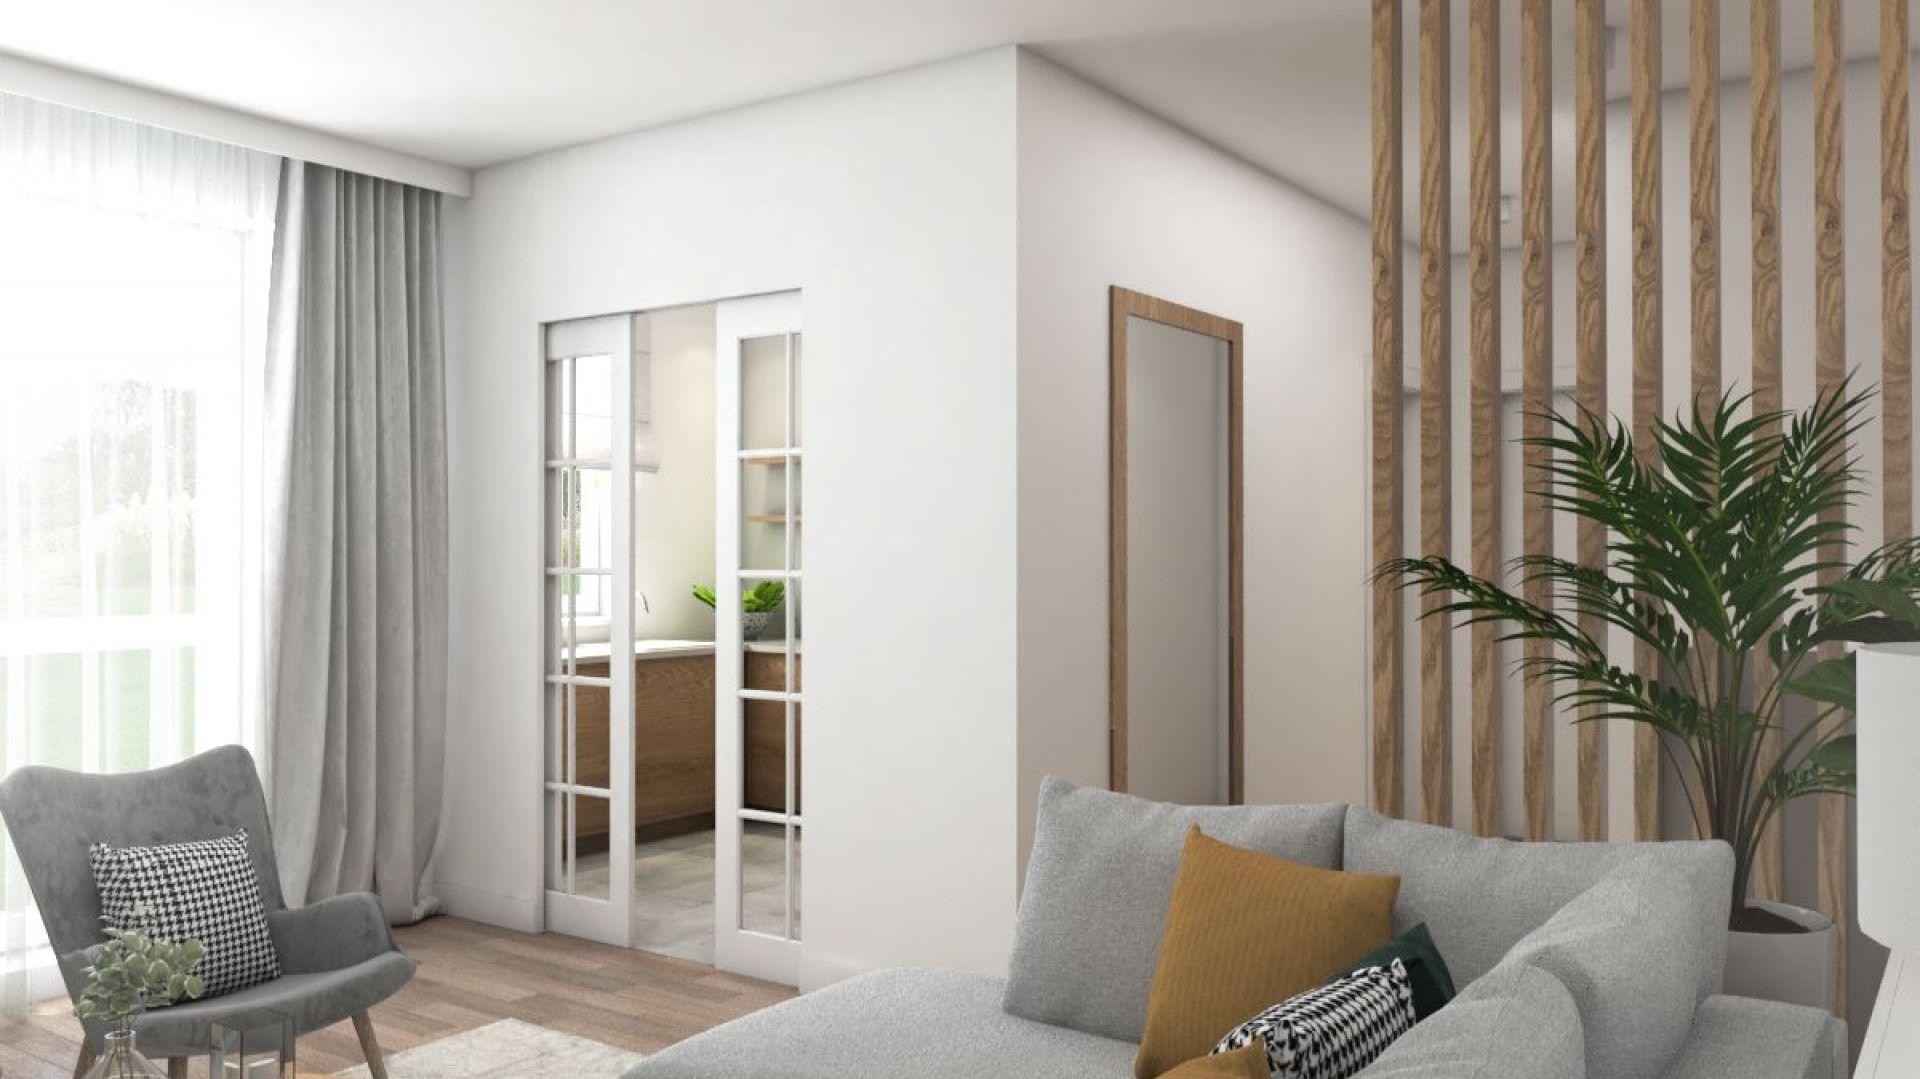 Przesuwane, niemal całkowicie przeszklone drzwi  łączą optycznie kuchnię z pokojem. Projekt i zdjęcia: Pracownia Architektoniczna MGN